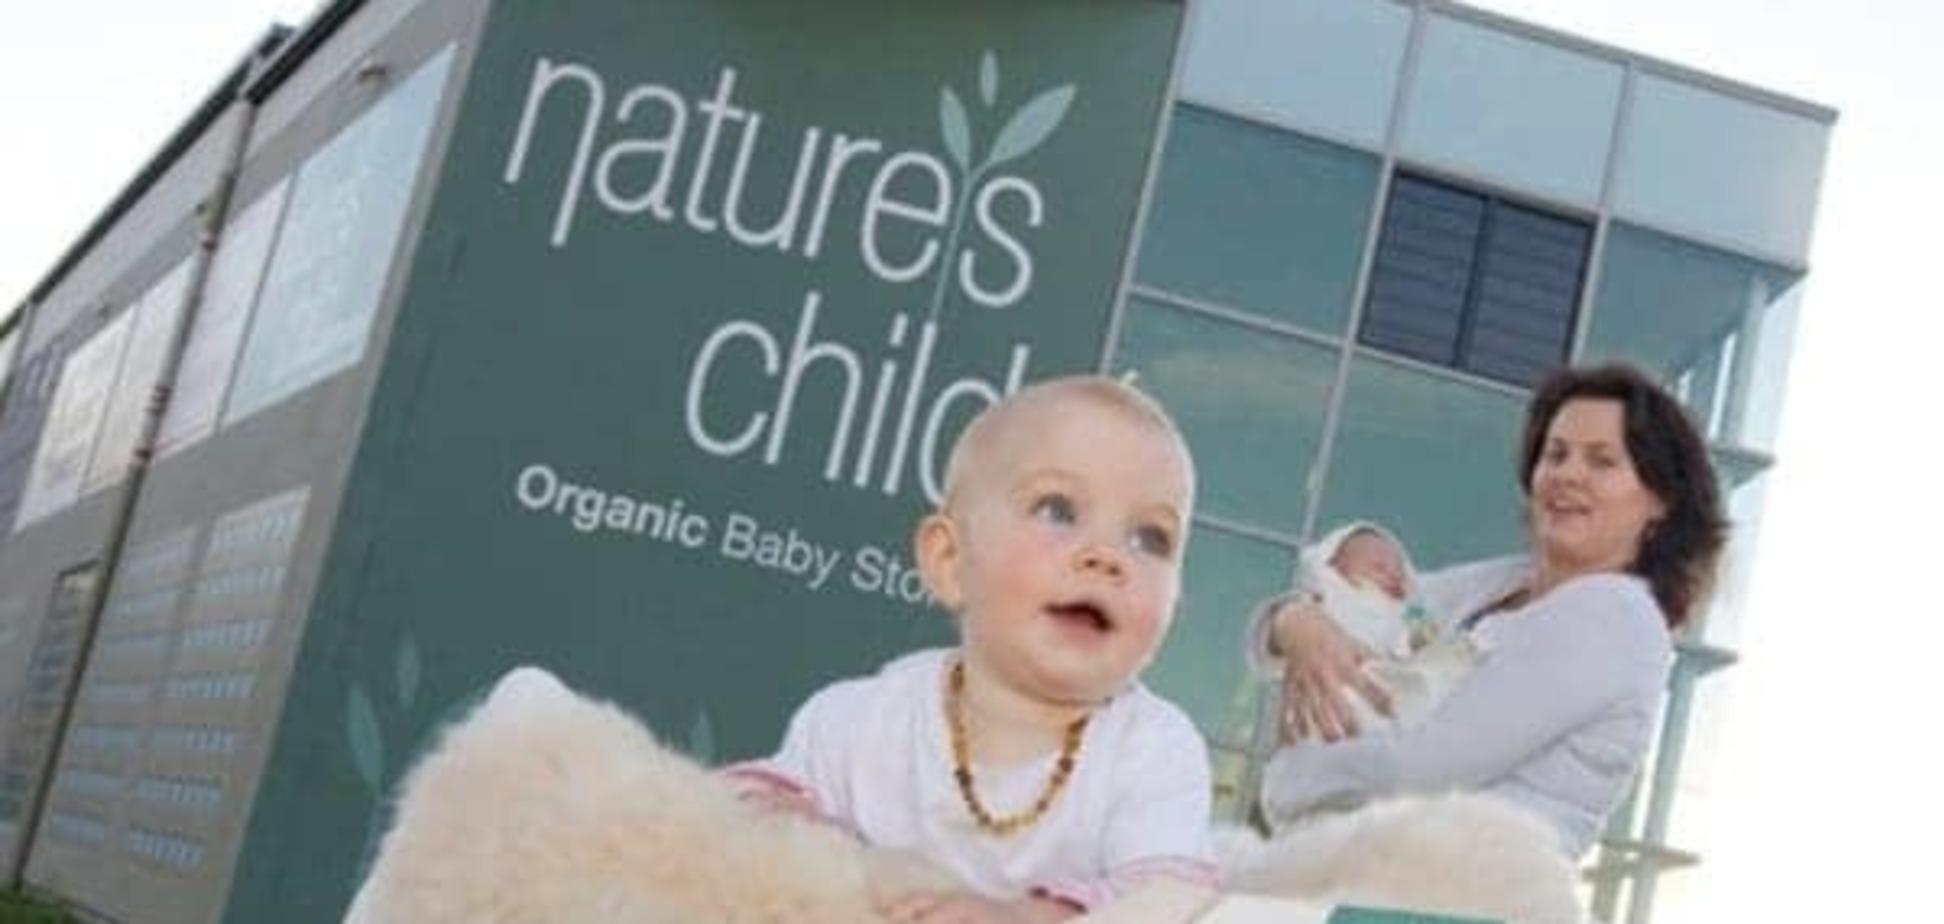 Органические товары для детей - что предлагают производители?